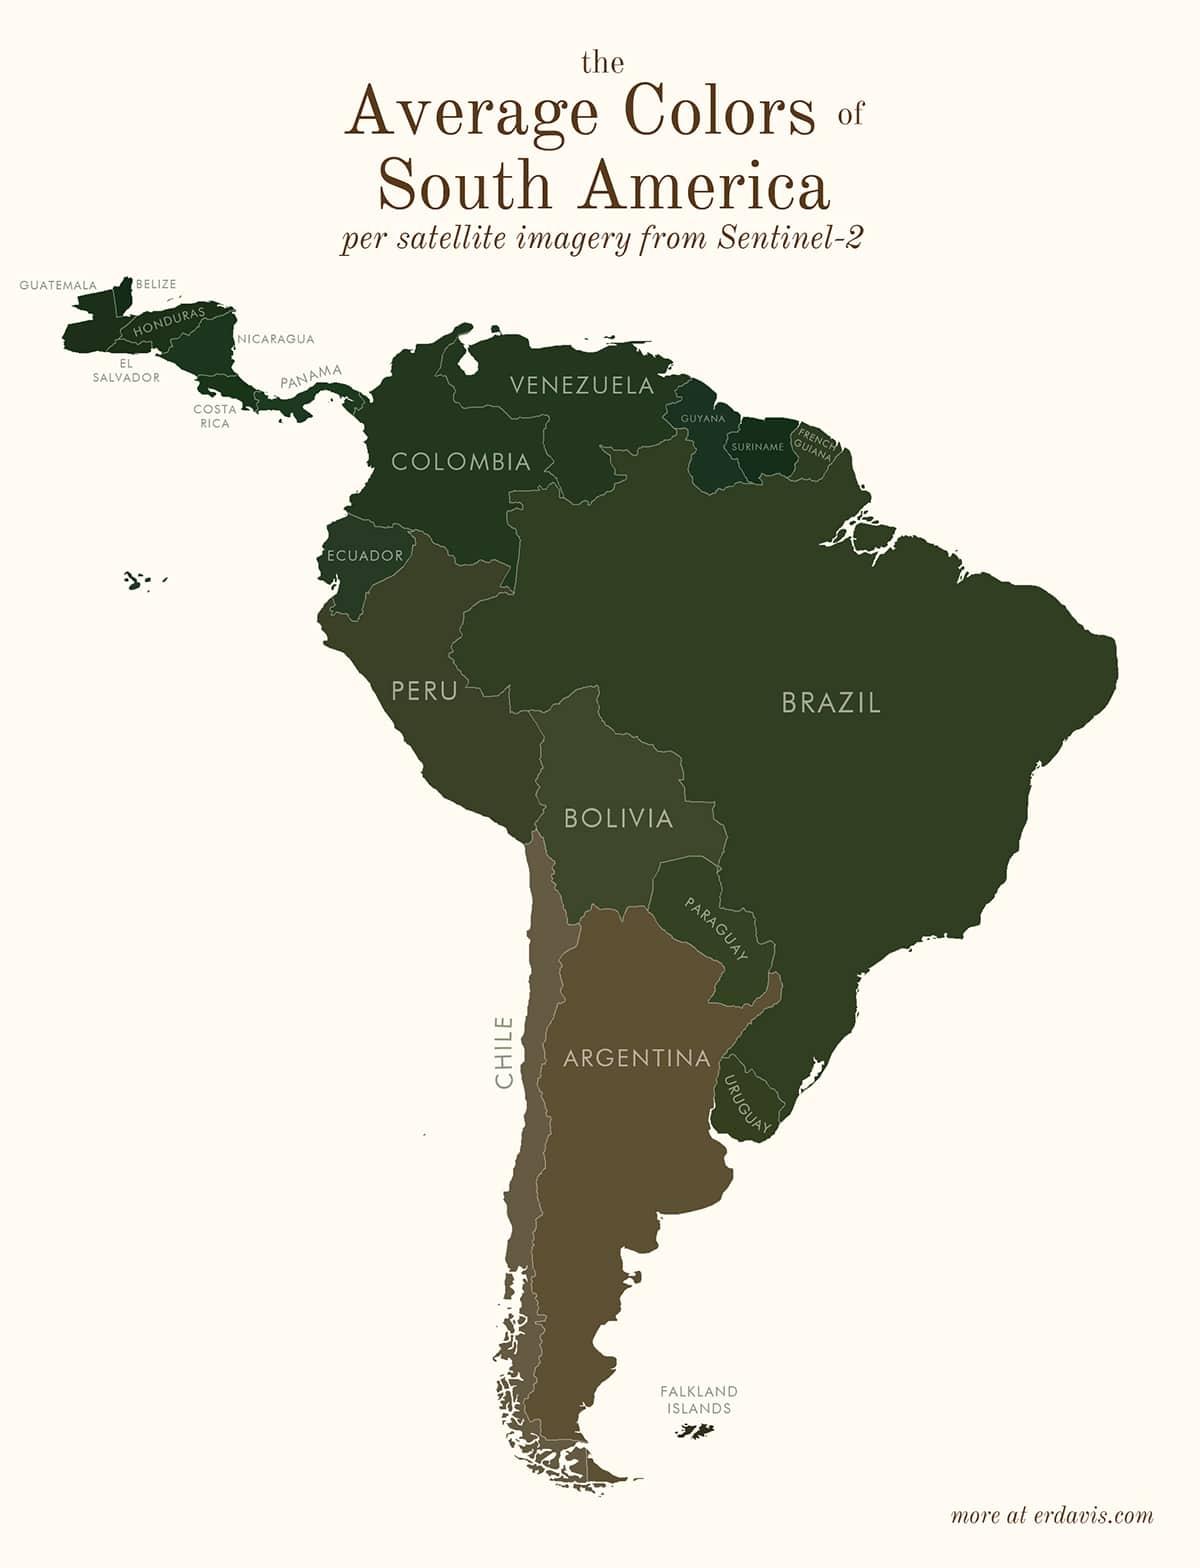 Carte des couleurs moyennes de l'Amérique du Sud